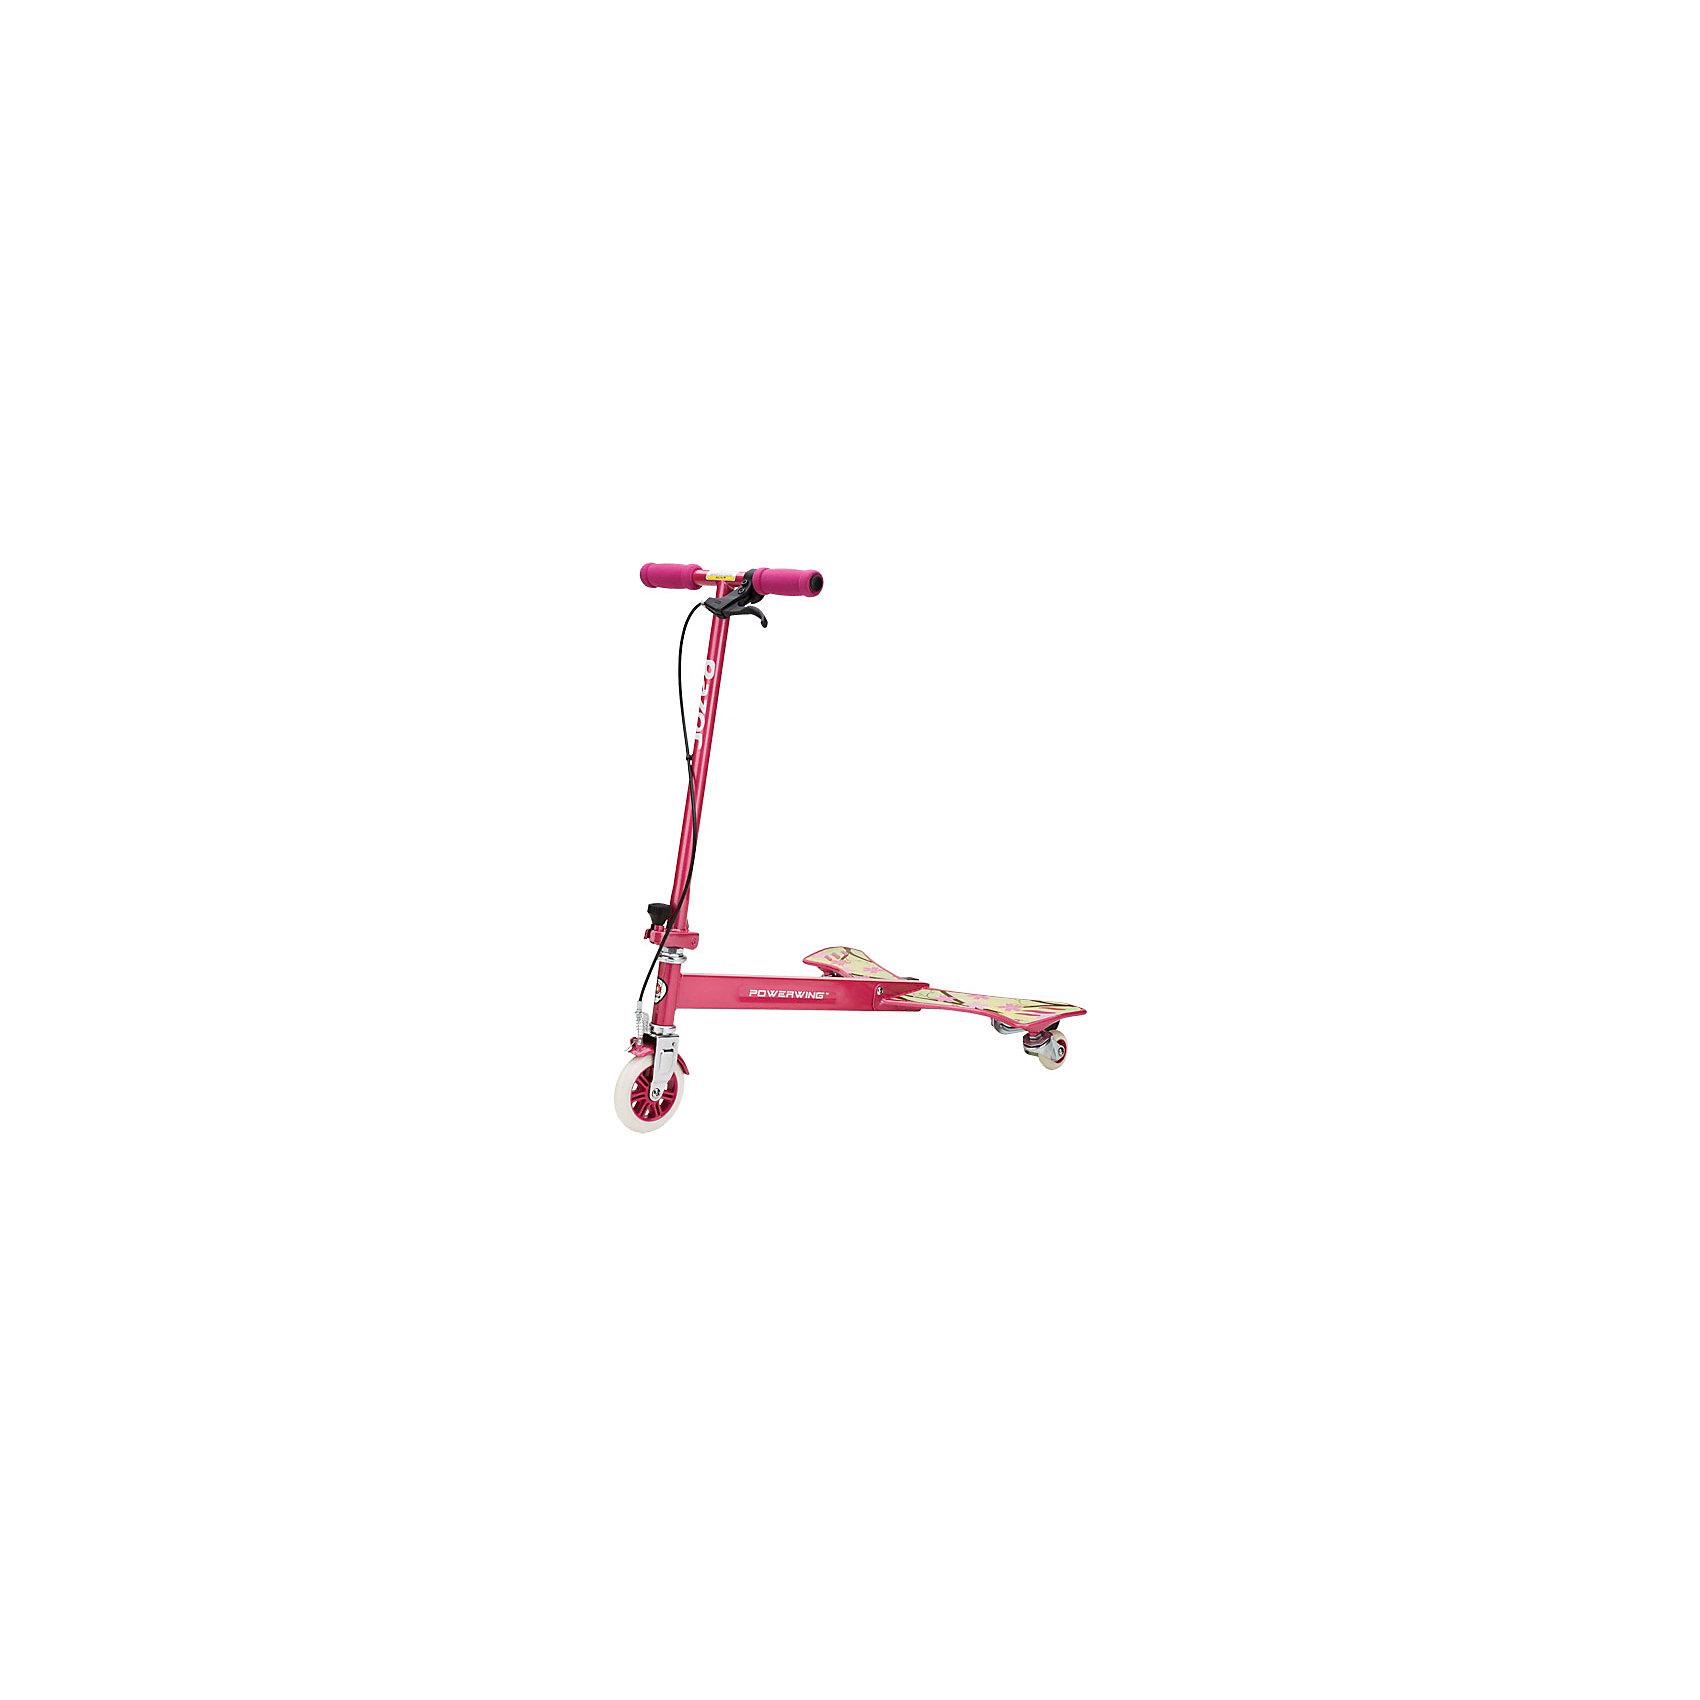 Тридер PowerWing Sweet Pea, розовый, RazorСамокаты<br>Тридер PowerWing Sweet Pea, розовый, Razor (Рэзор)<br><br>Характеристики:<br><br>• легкое управление<br>• подходит для дрифта<br>• большое переднее колесо из полиуретана<br>• прочный корпус и полимерные крылья<br>• ручной тормоз<br>• ширина руля: 35 см<br>• высота руля: 79,5 см<br>• ширина крыльев: 24 см<br>• размер упаковки: 14х36,5х65 см<br>• вес: 6,5 кг<br>• цвет: розовый<br><br>Тридер PowerWing Sweet Pea - необычный самокат с широкими задними крыльями. Тридер едет при помощи покачиваний влево и вправо. Оснащен ручным тормозом. Тридер подходит для дрифта и несложных трюков. Высота руля фиксированная, составляет 79,5 сантиметров. Стильный дизайн тридера никого не оставит равнодушным!<br><br>Тридер PowerWing Sweet Pea, розовый, Razor (Рэзор) можно купить в нашем интернет-магазине.<br><br>Ширина мм: 650<br>Глубина мм: 365<br>Высота мм: 140<br>Вес г: 6500<br>Возраст от месяцев: 60<br>Возраст до месяцев: 2147483647<br>Пол: Женский<br>Возраст: Детский<br>SKU: 5448967